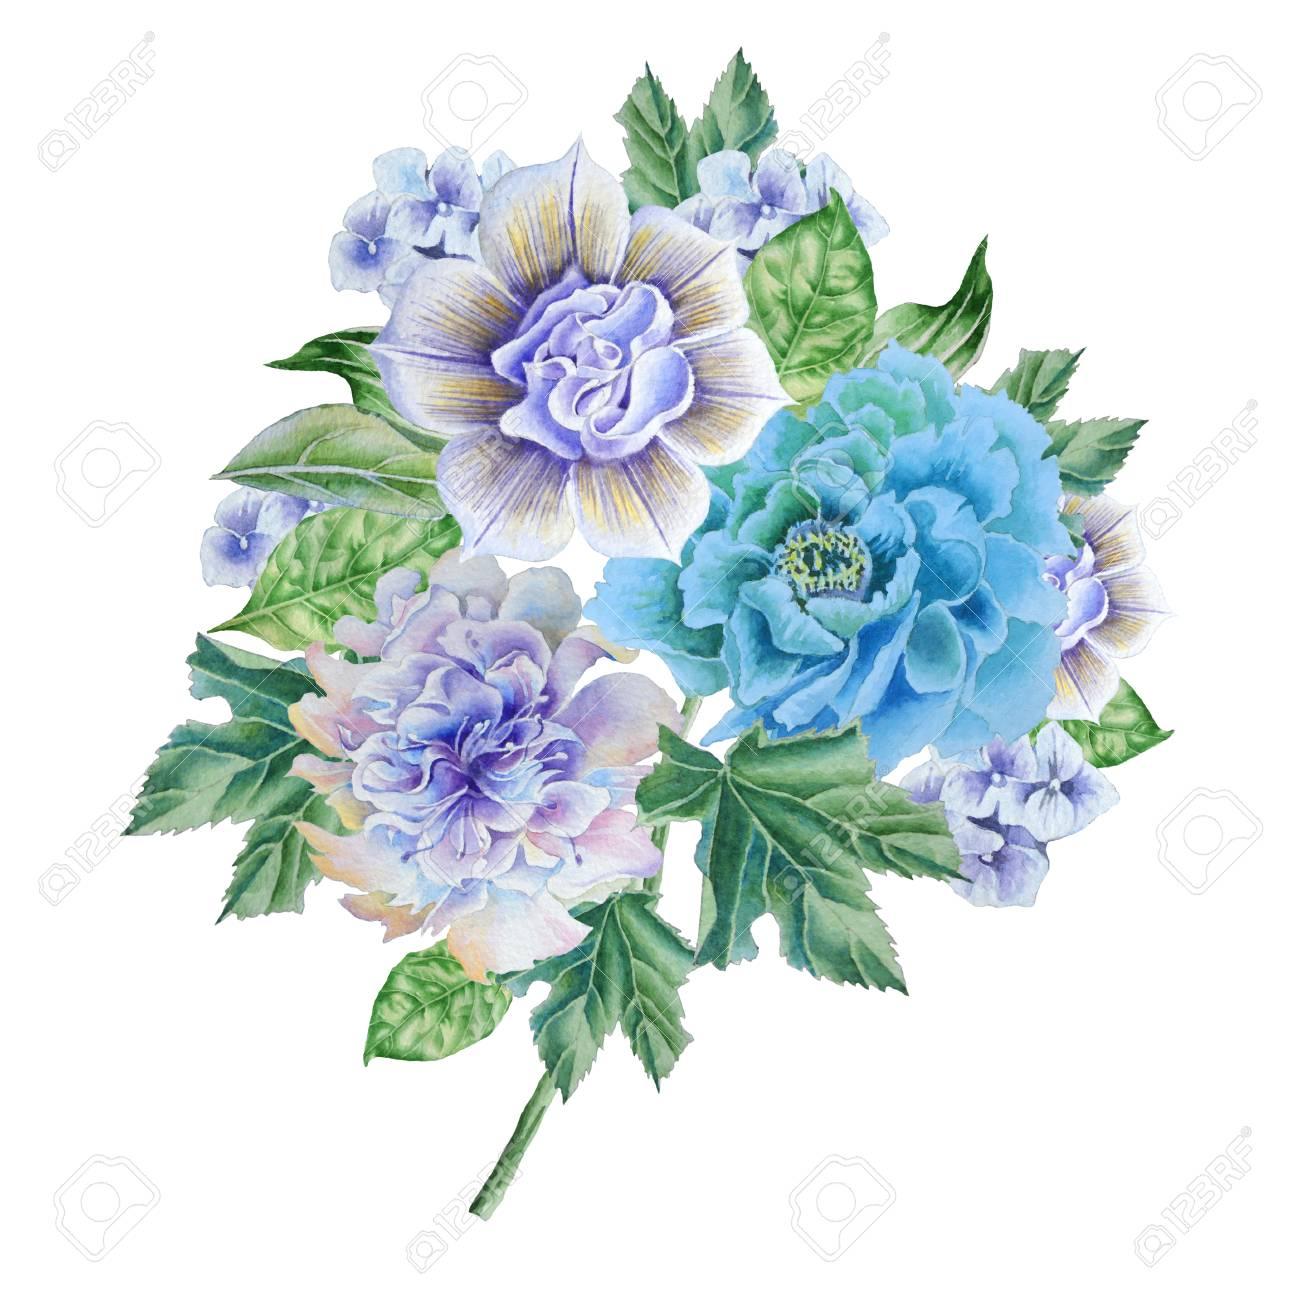 花の水彩画の花束 イラスト 手描き の写真素材 画像素材 Image 90504840